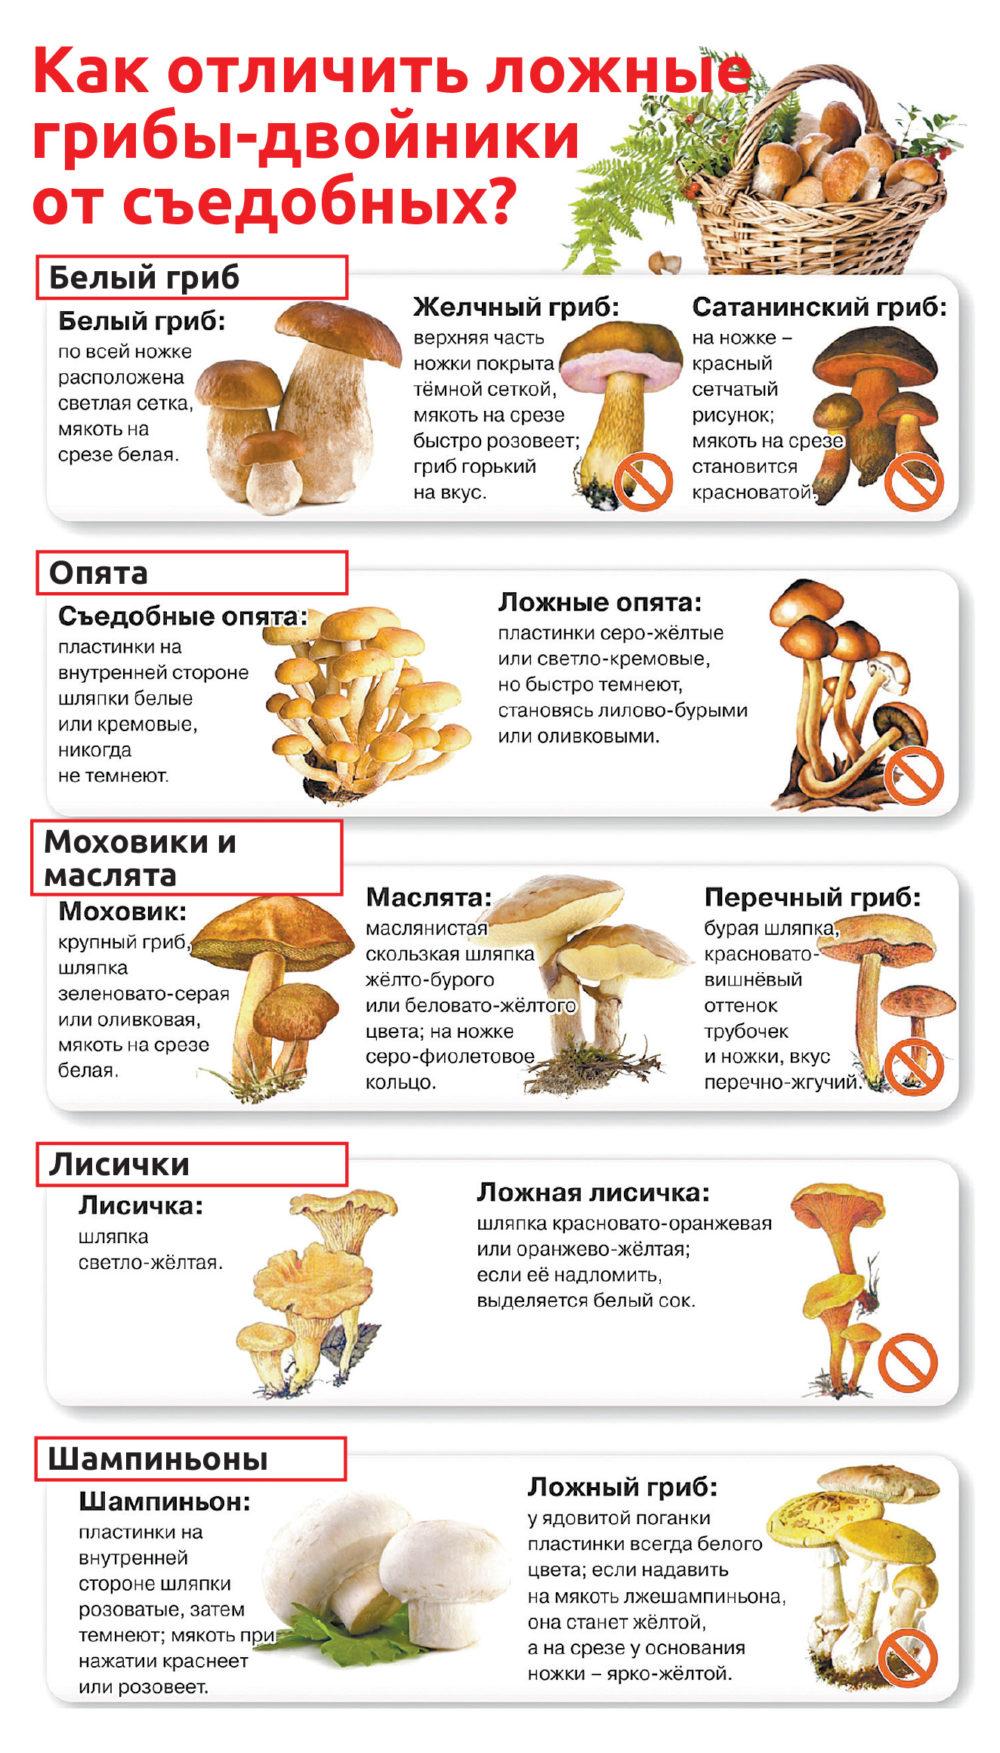 список июльских съедобных грибов + фото 1